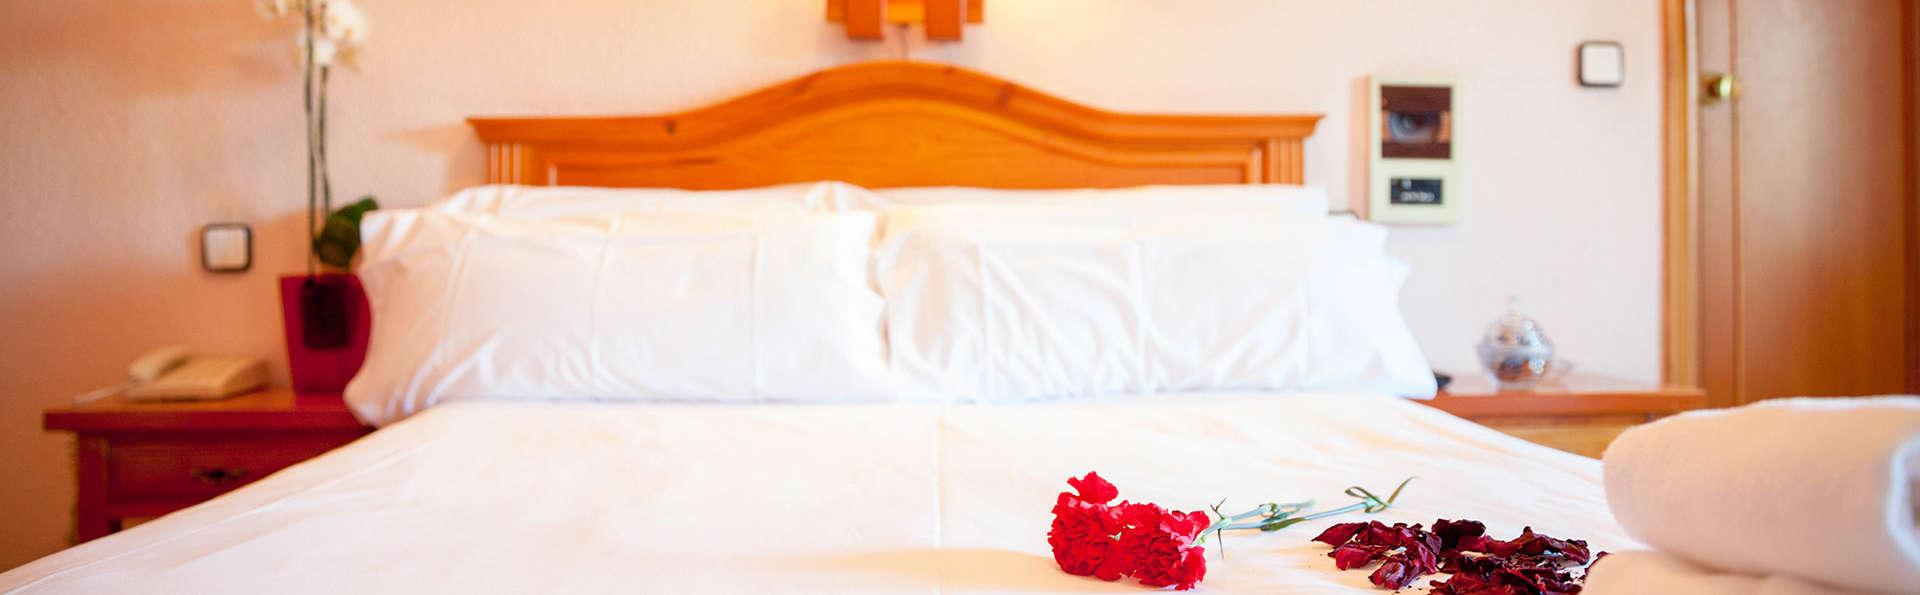 Hotel Castilla Torrijos - EDIT_HAB._DOBLE_MATRIMONIO_01.jpg